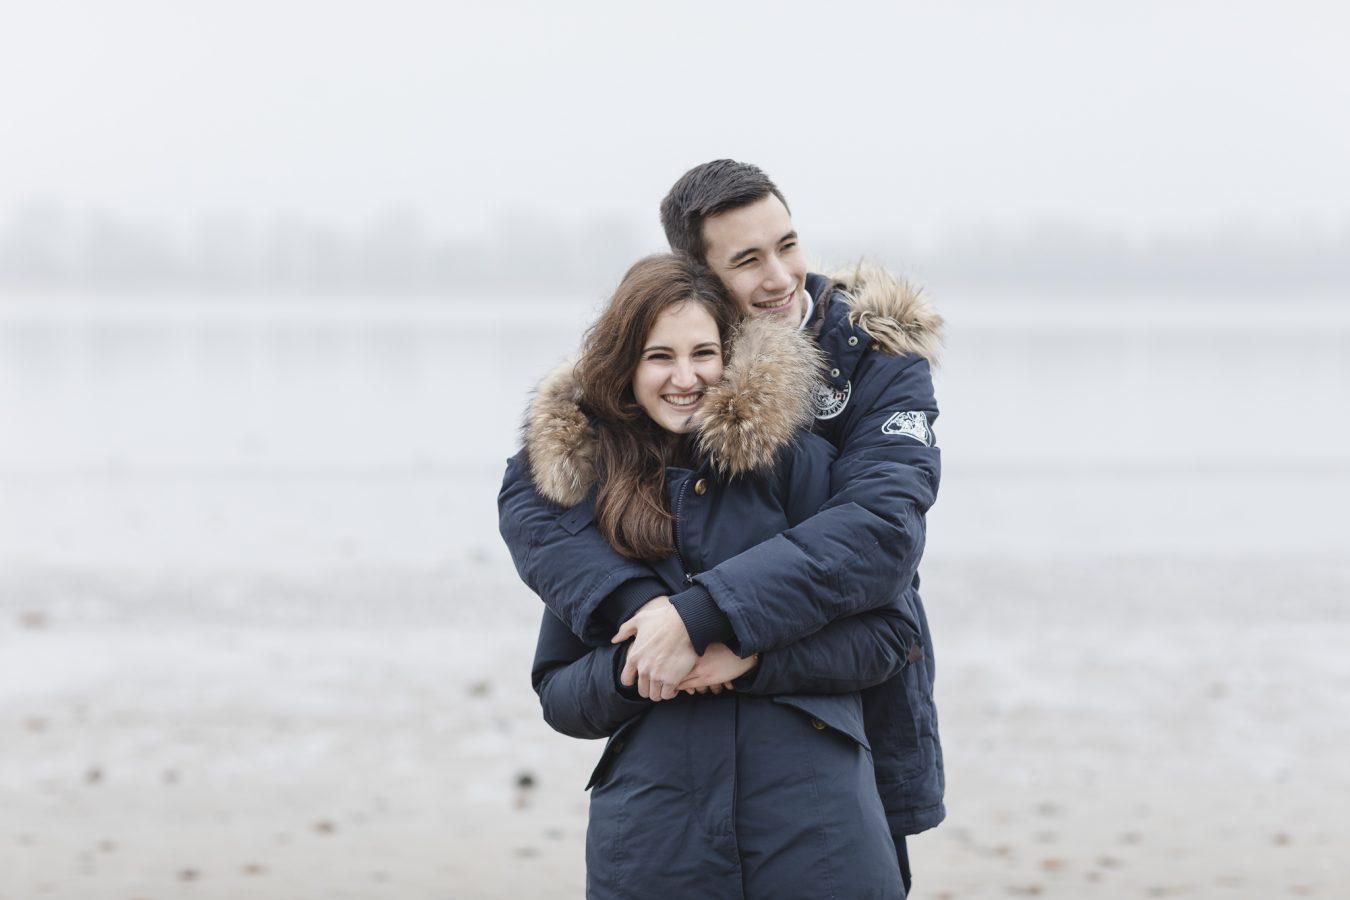 Paarshooting Hamburg - Paar in dicken Jacken kuschelt sich aneinander